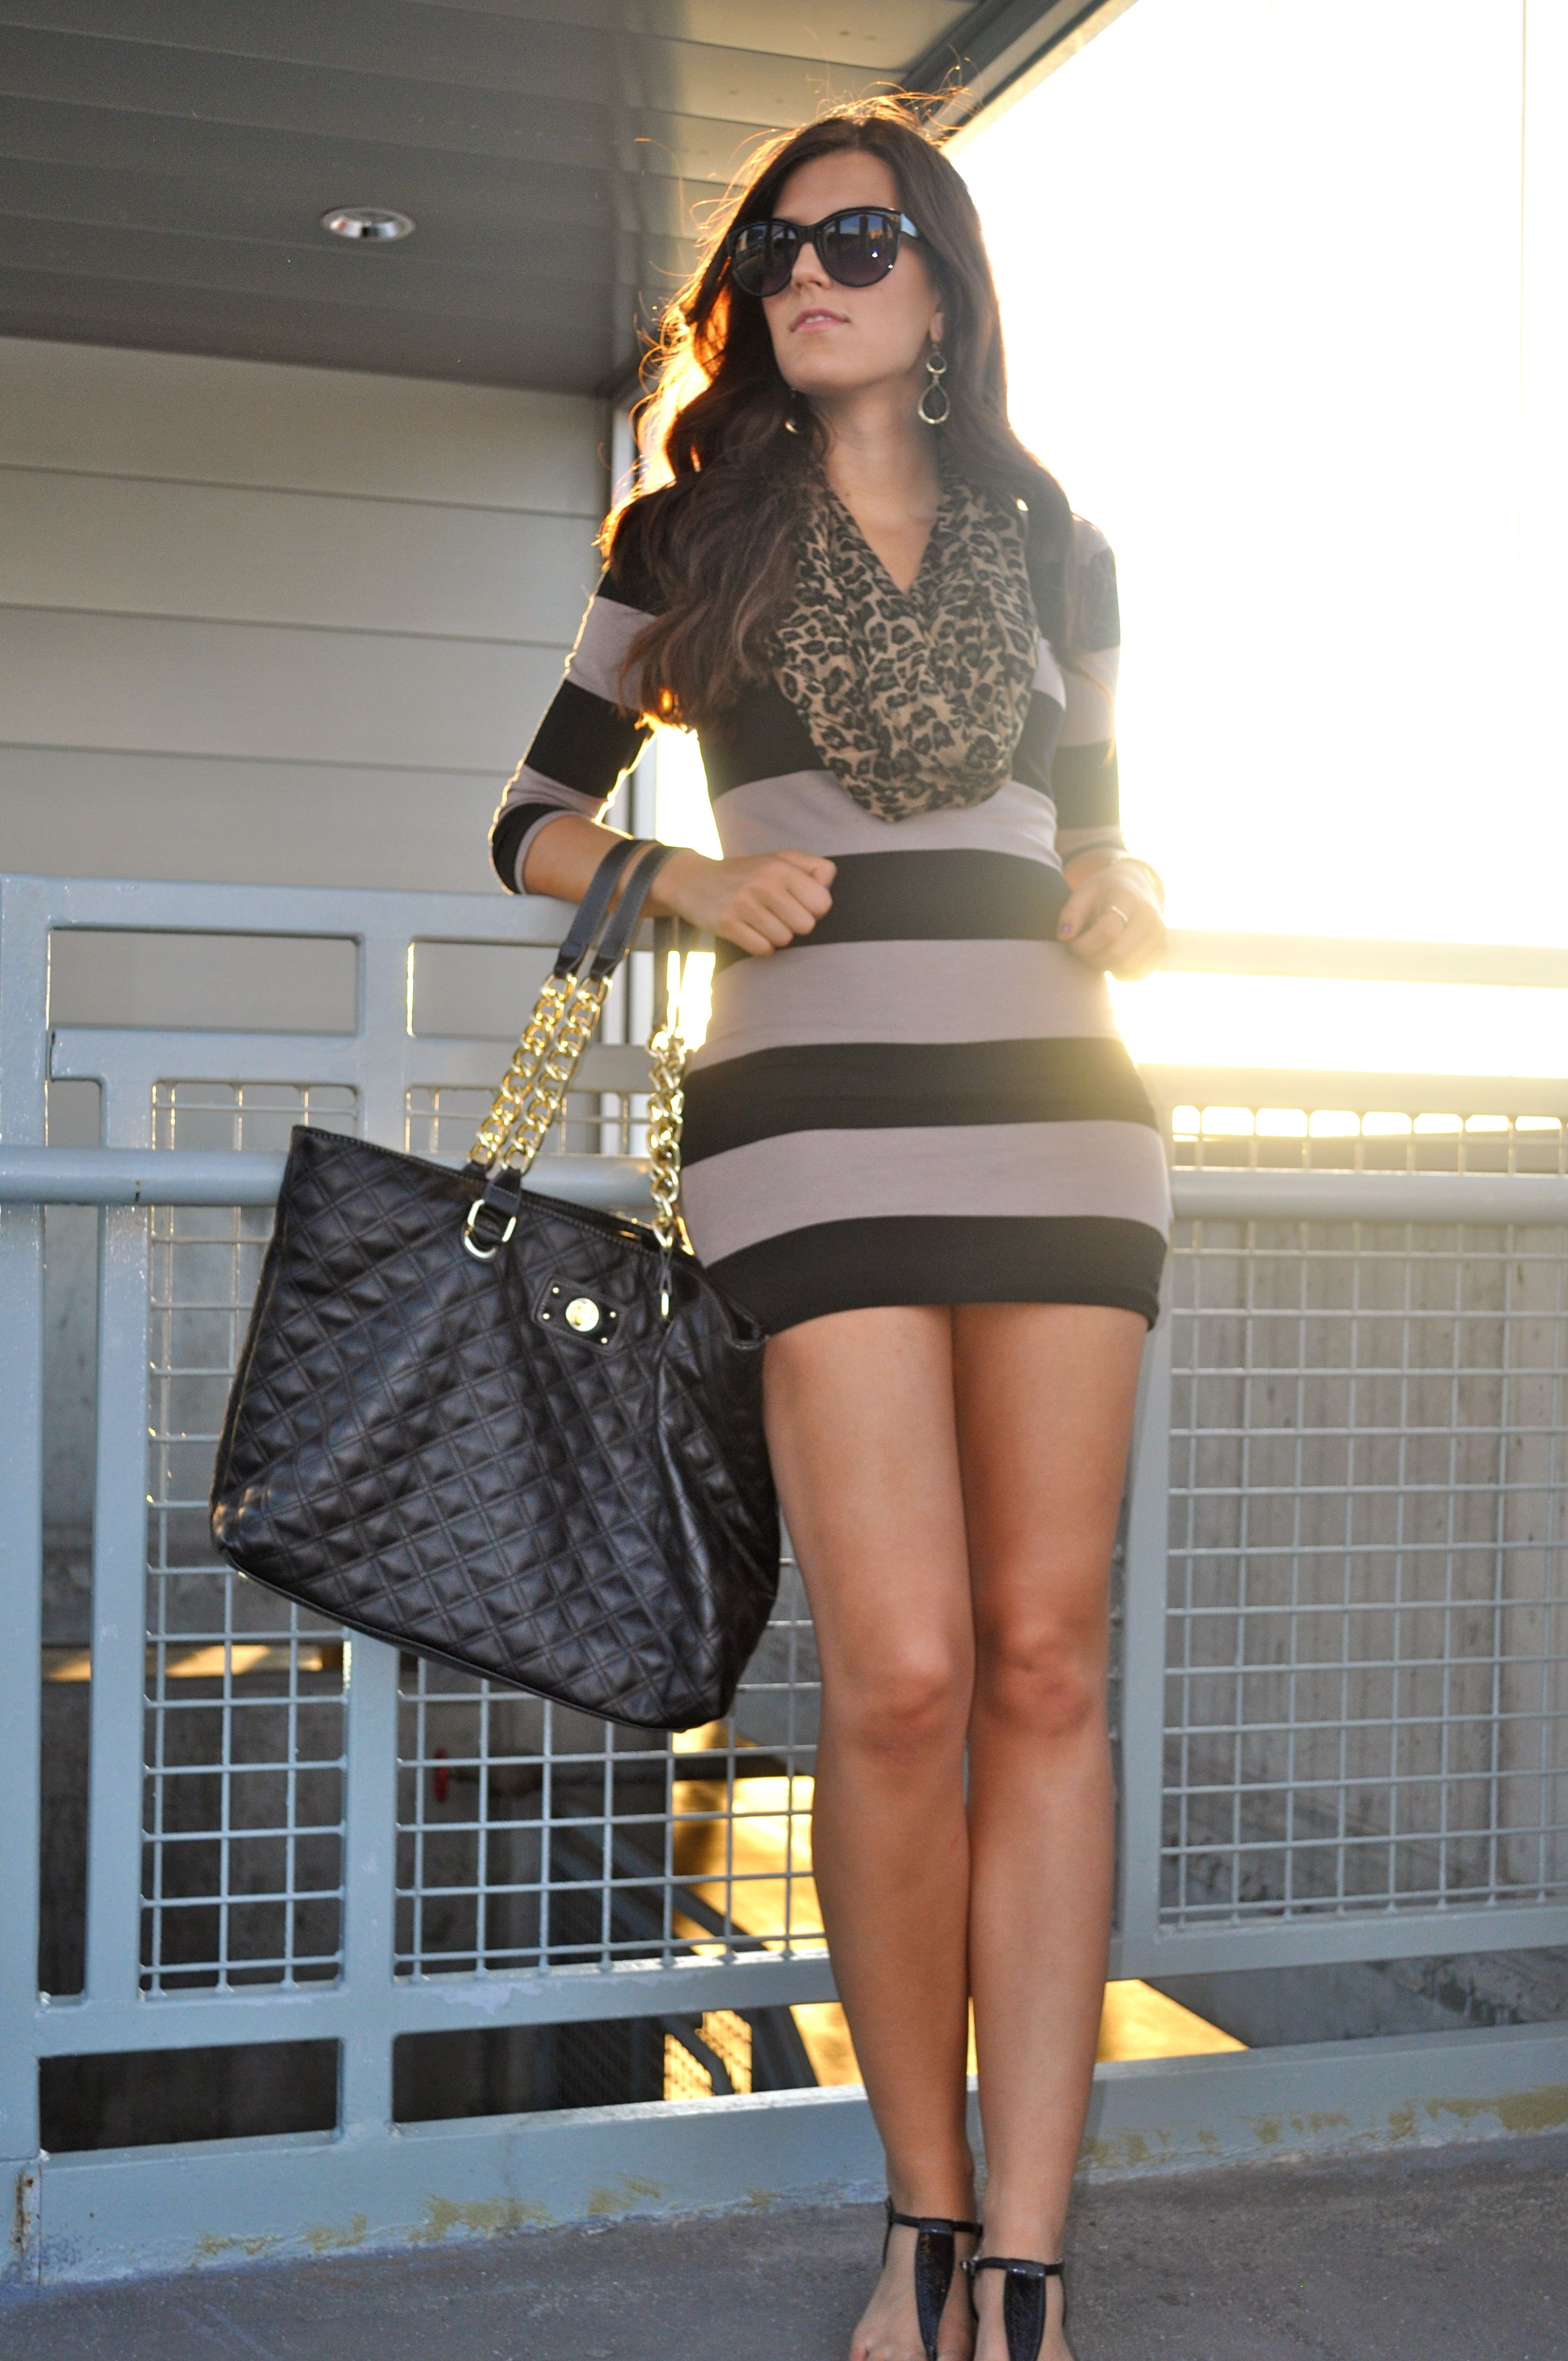 Stripes & Cheetah <3 WOW Love it!